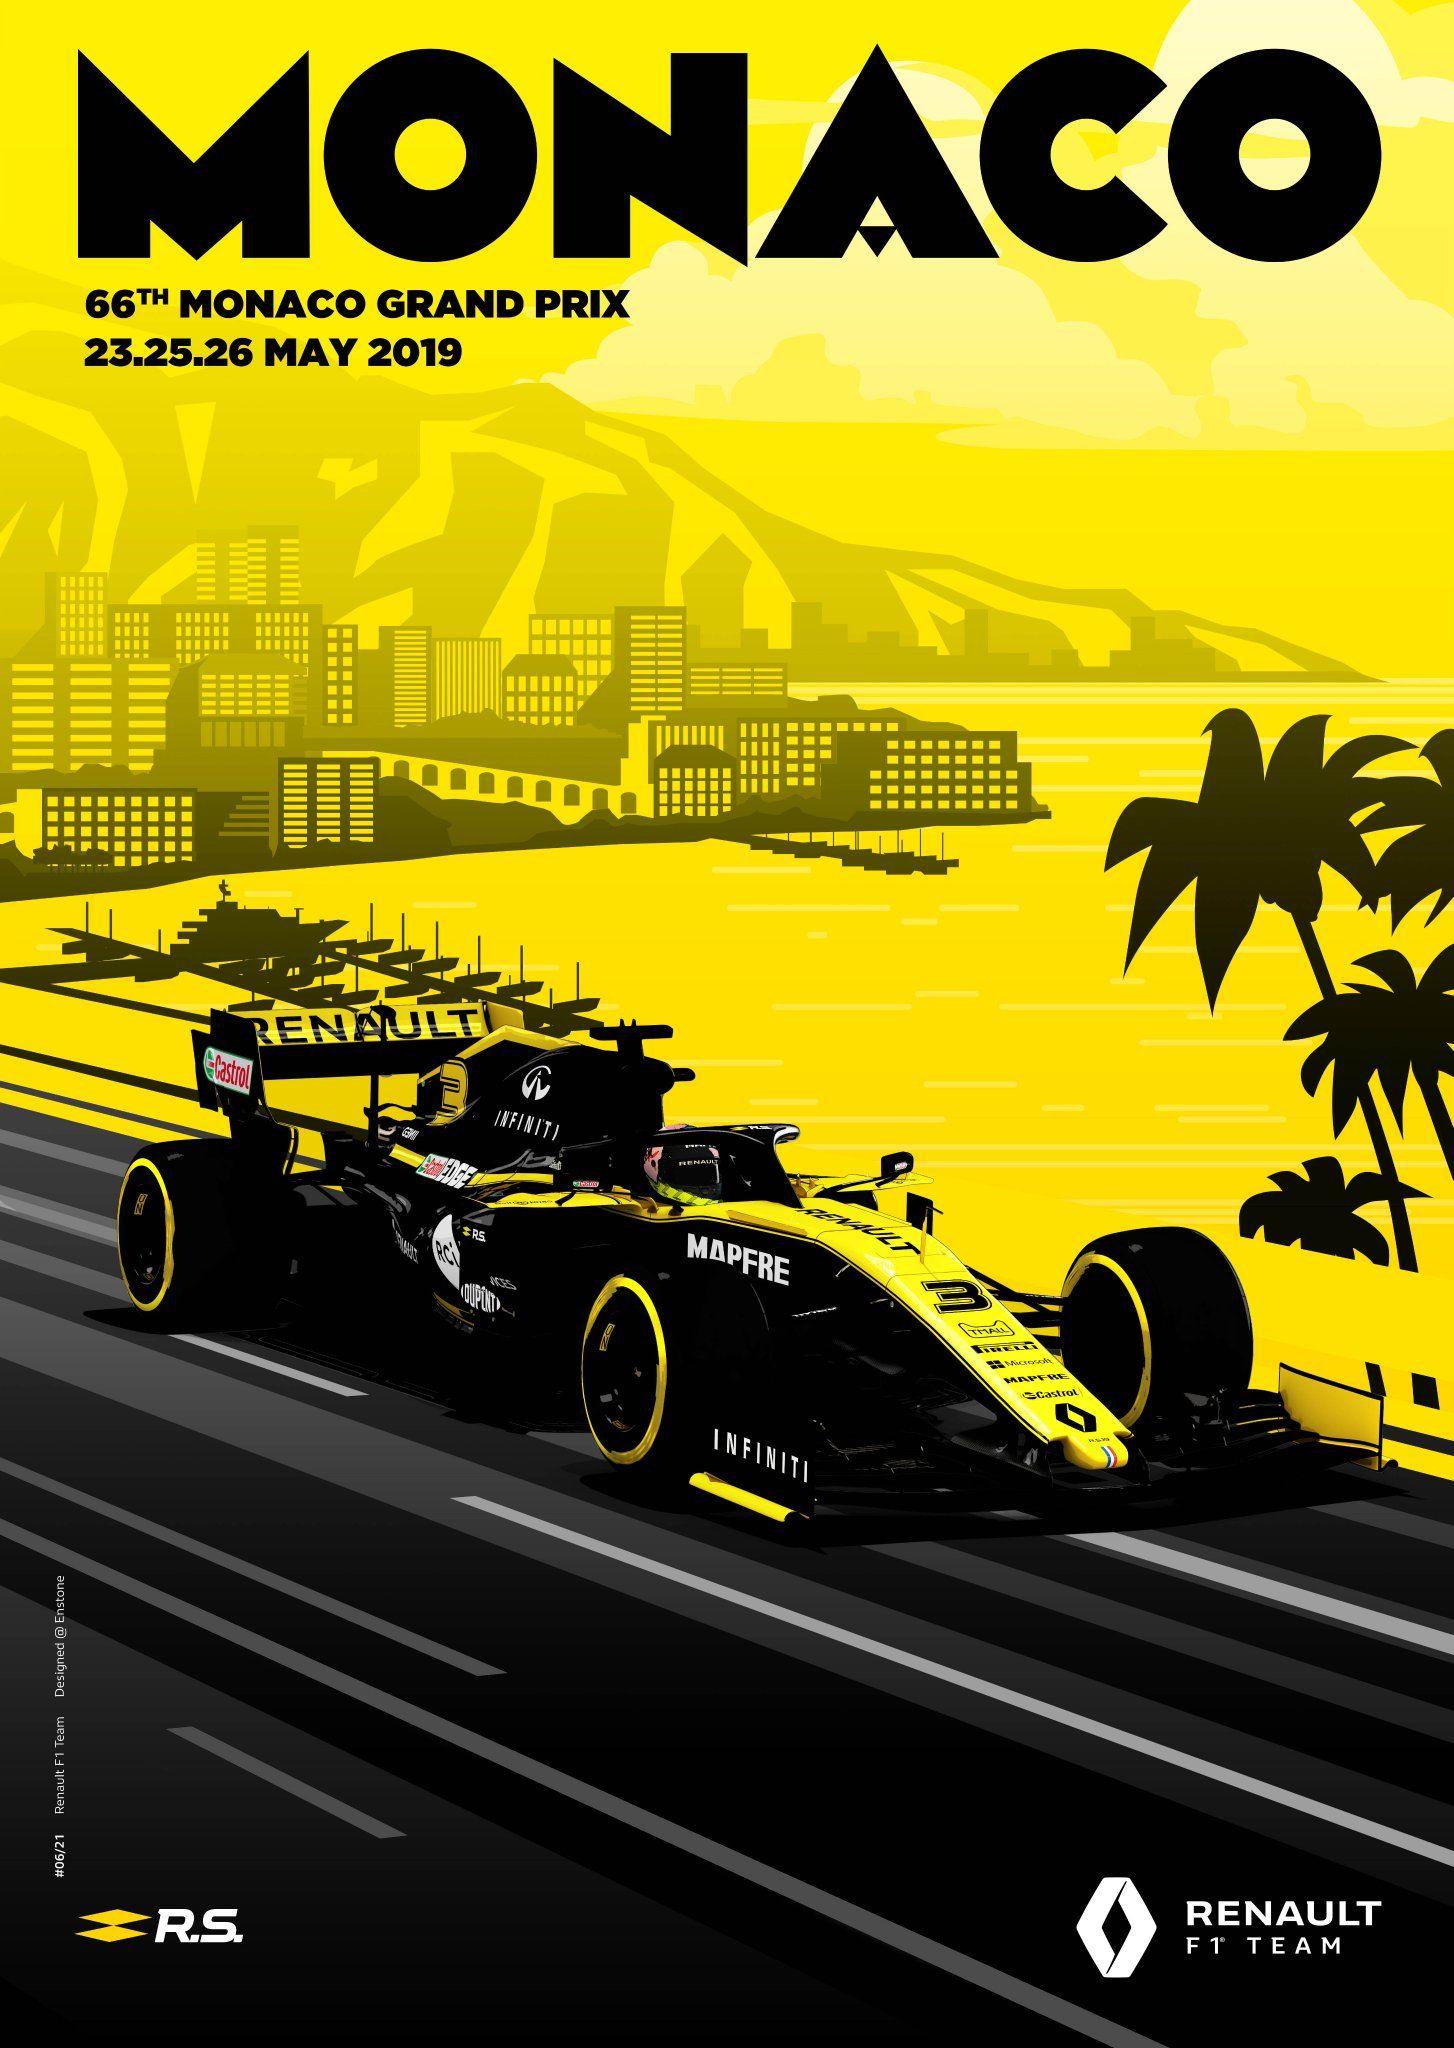 Monaco Grand Prix F1 NEW Poster